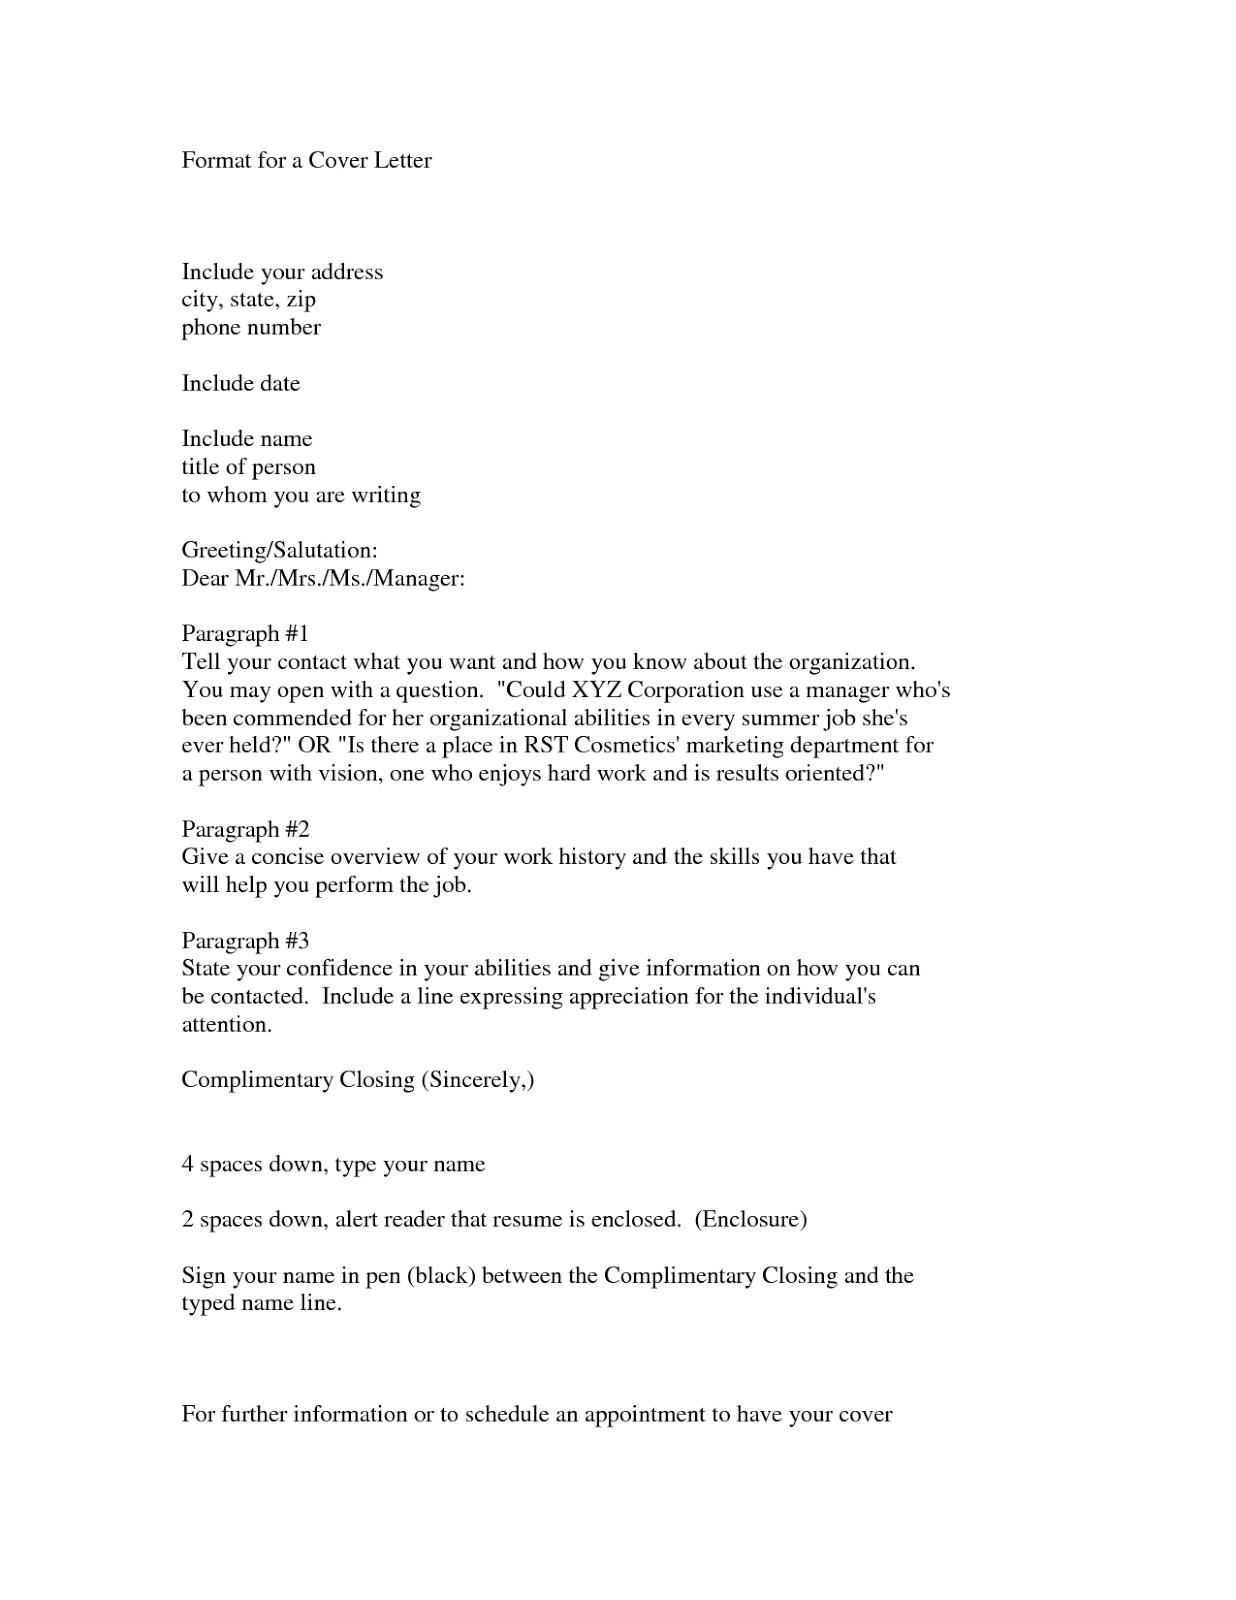 sample internal cover letter job posting